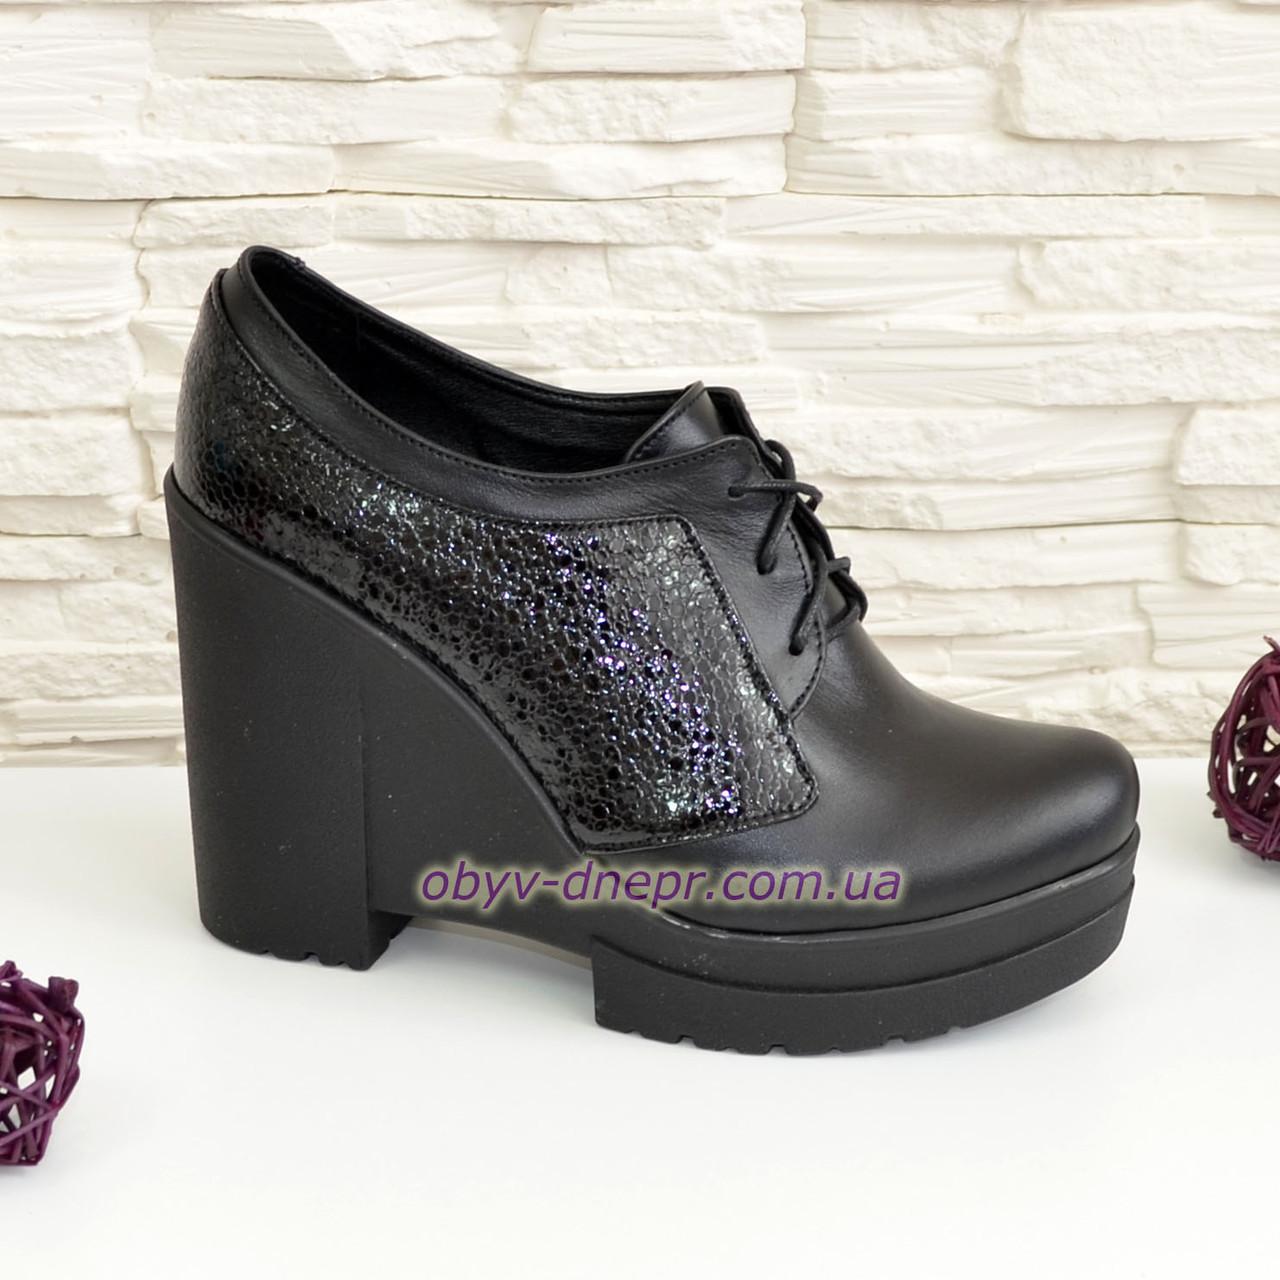 Туфли кожаные женские стильные на шнуровке, высокая платформа.